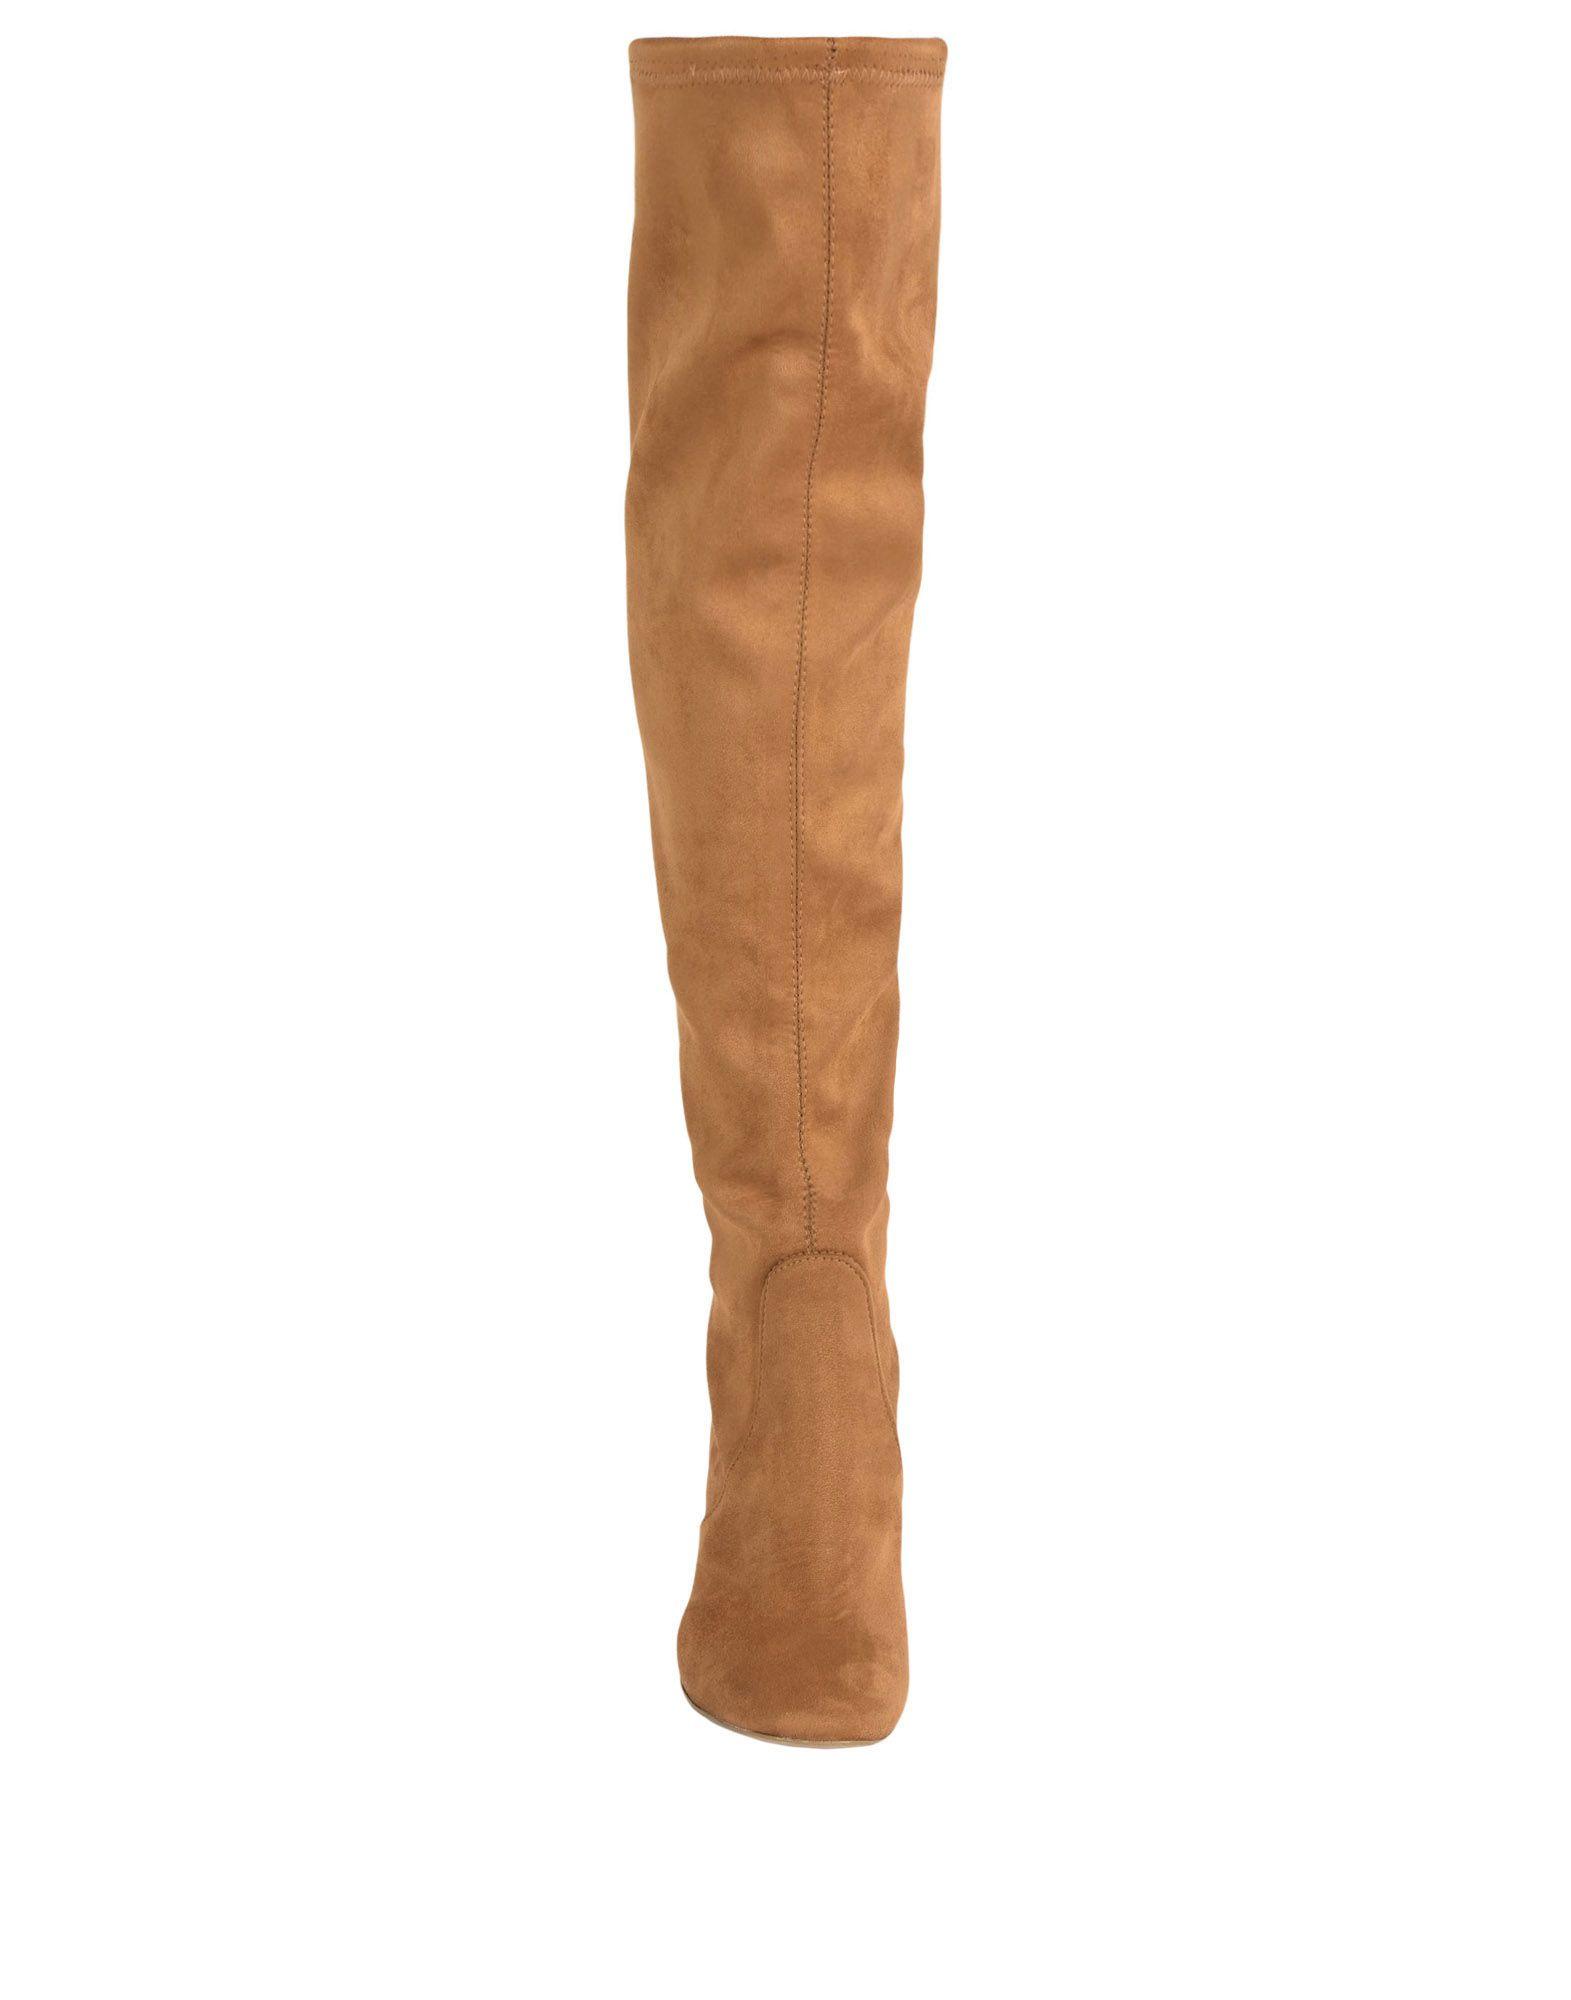 George J. Love Stiefel Damen  11428772GN Gute Qualität beliebte Schuhe